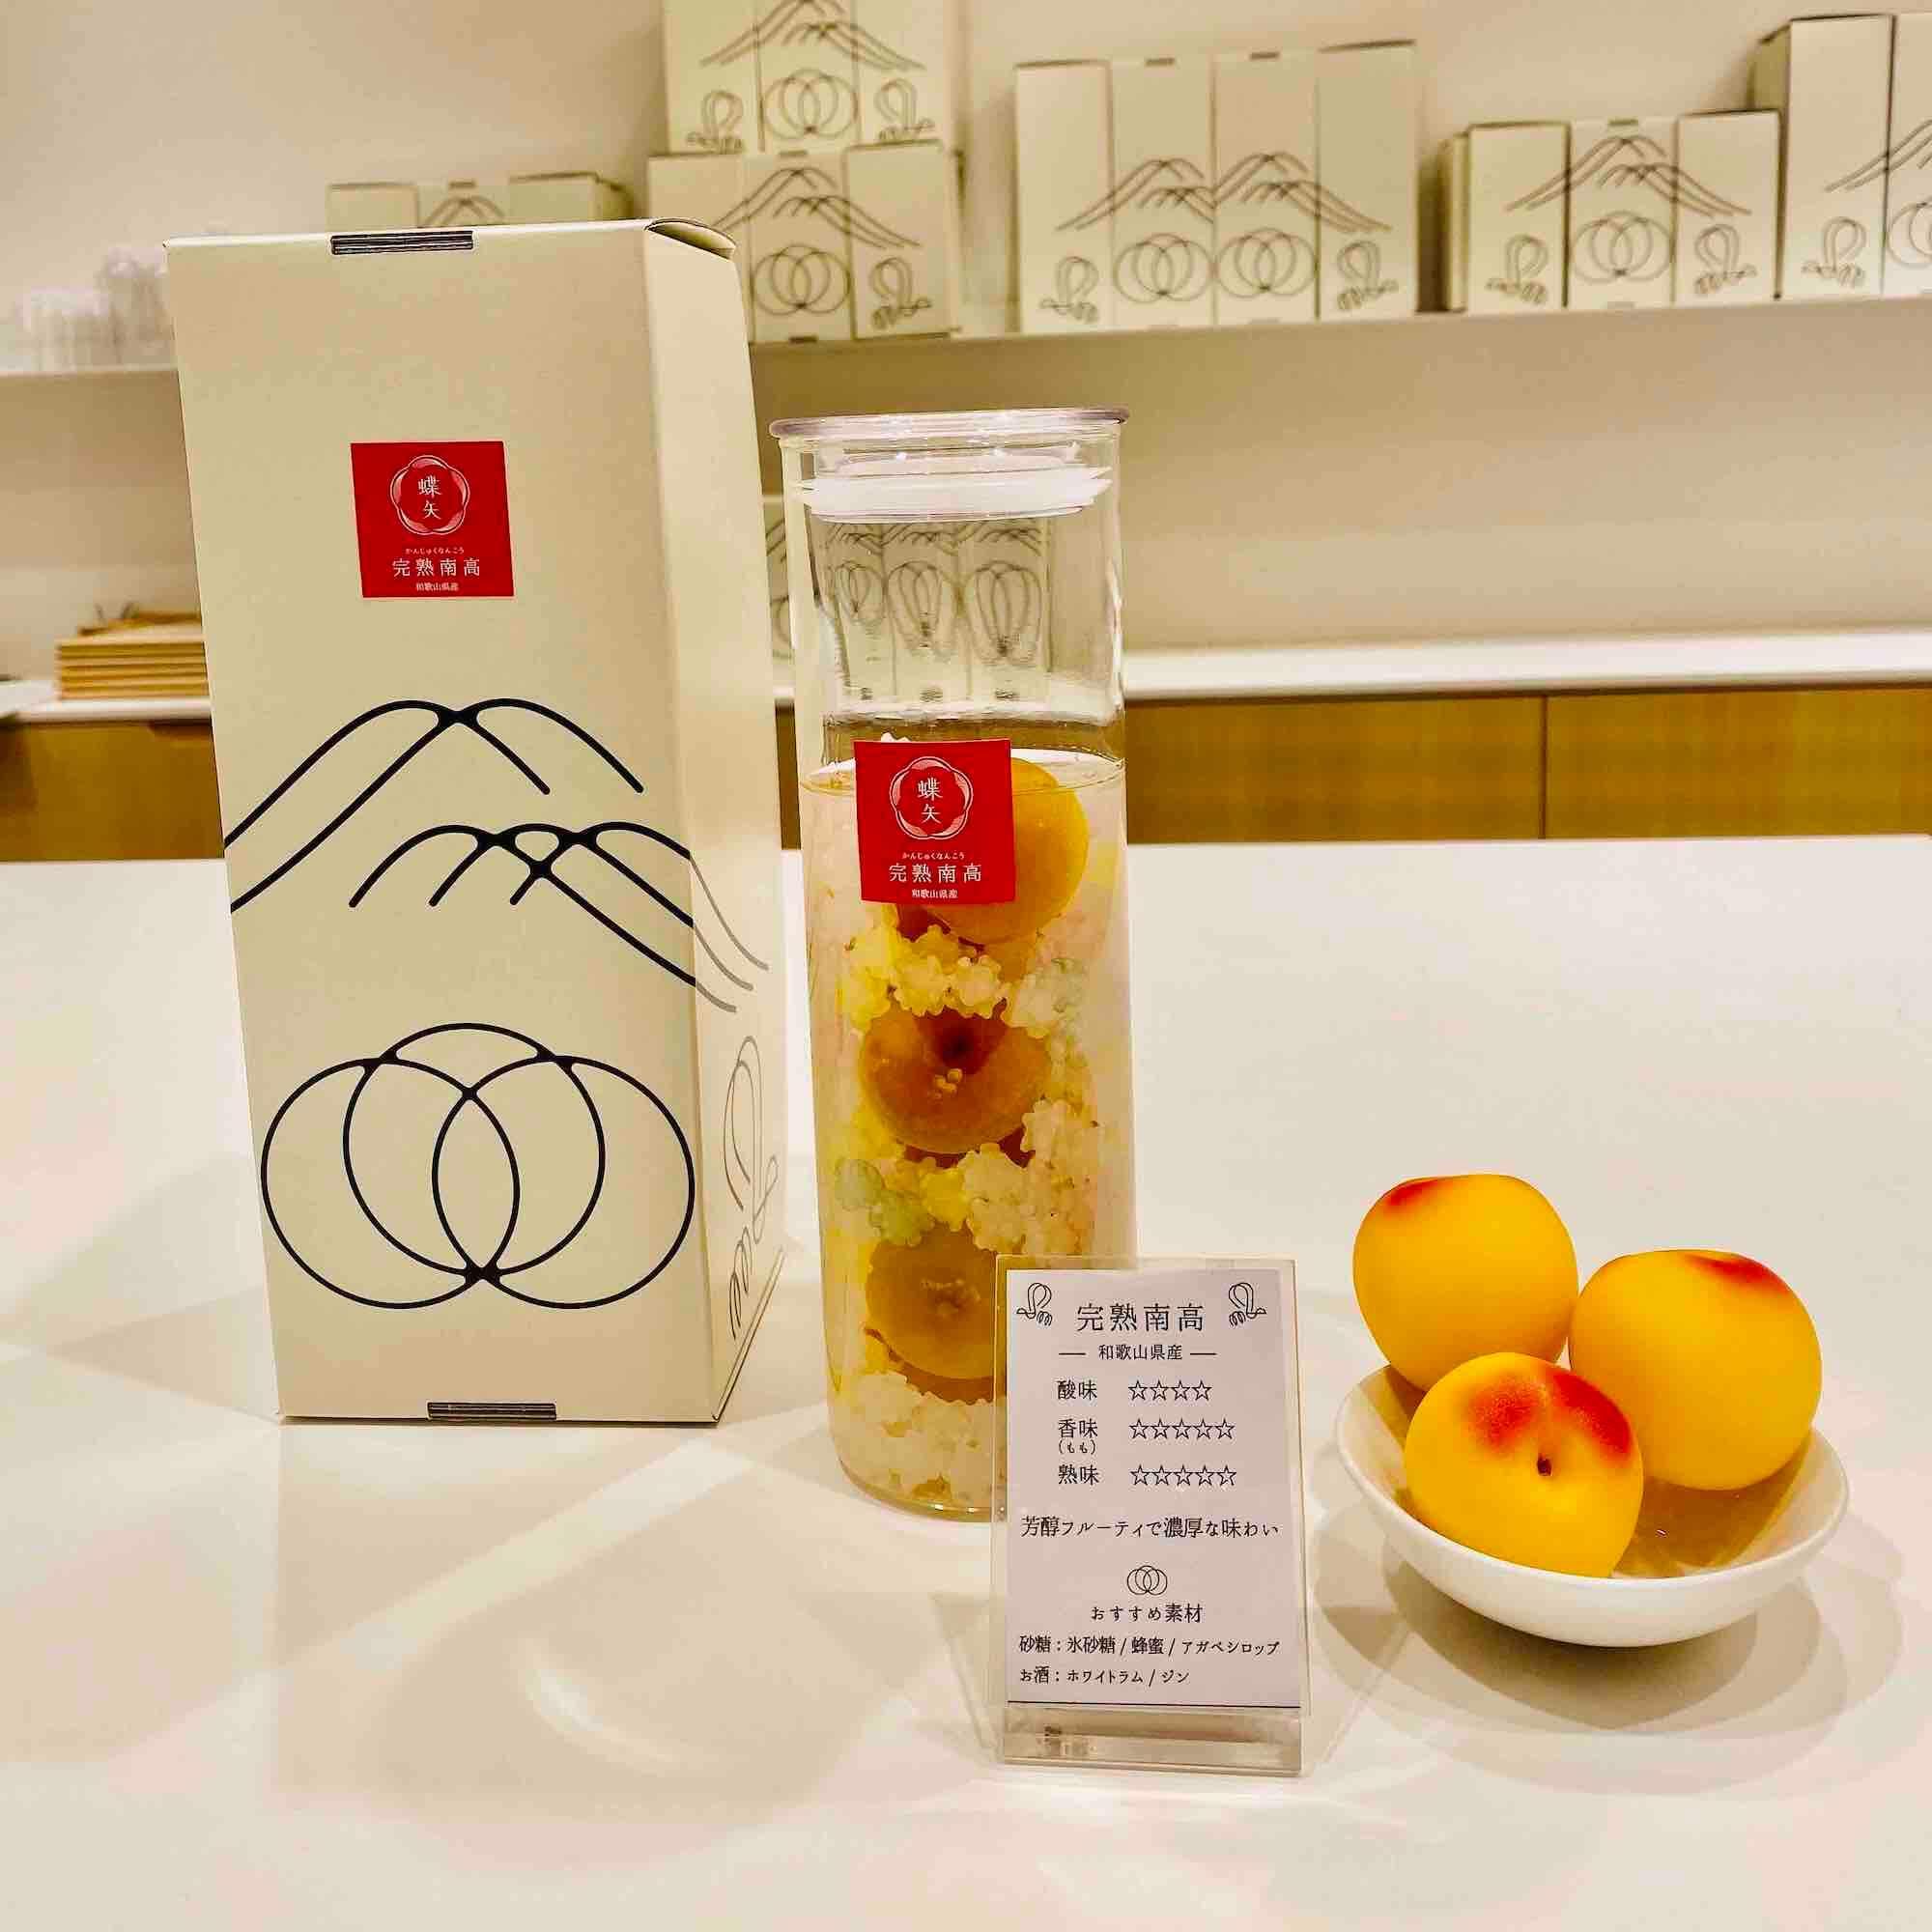 京都にある梅酒体験施設「蝶矢」の体験メニューで実際につけた組み合わせ